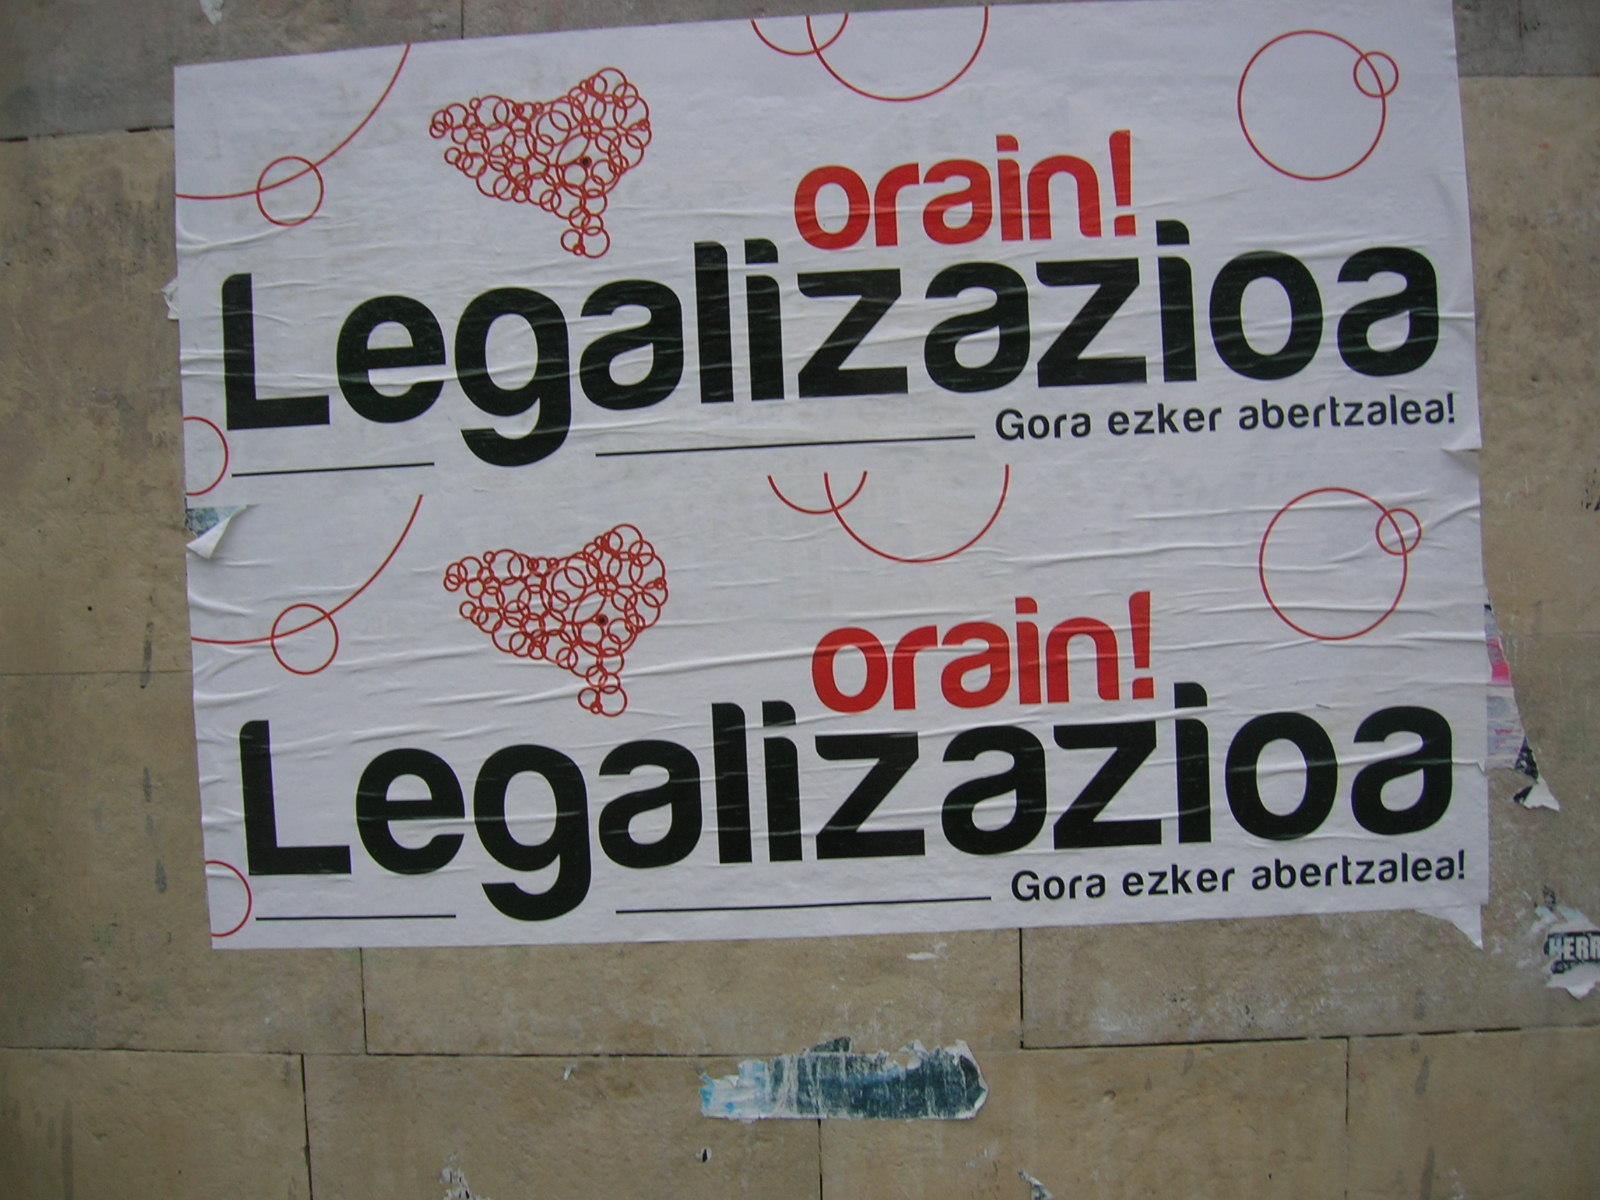 Legalizaziora bidean, larunbateko manifestaziora deia egin dute kultur munduko ezagunek